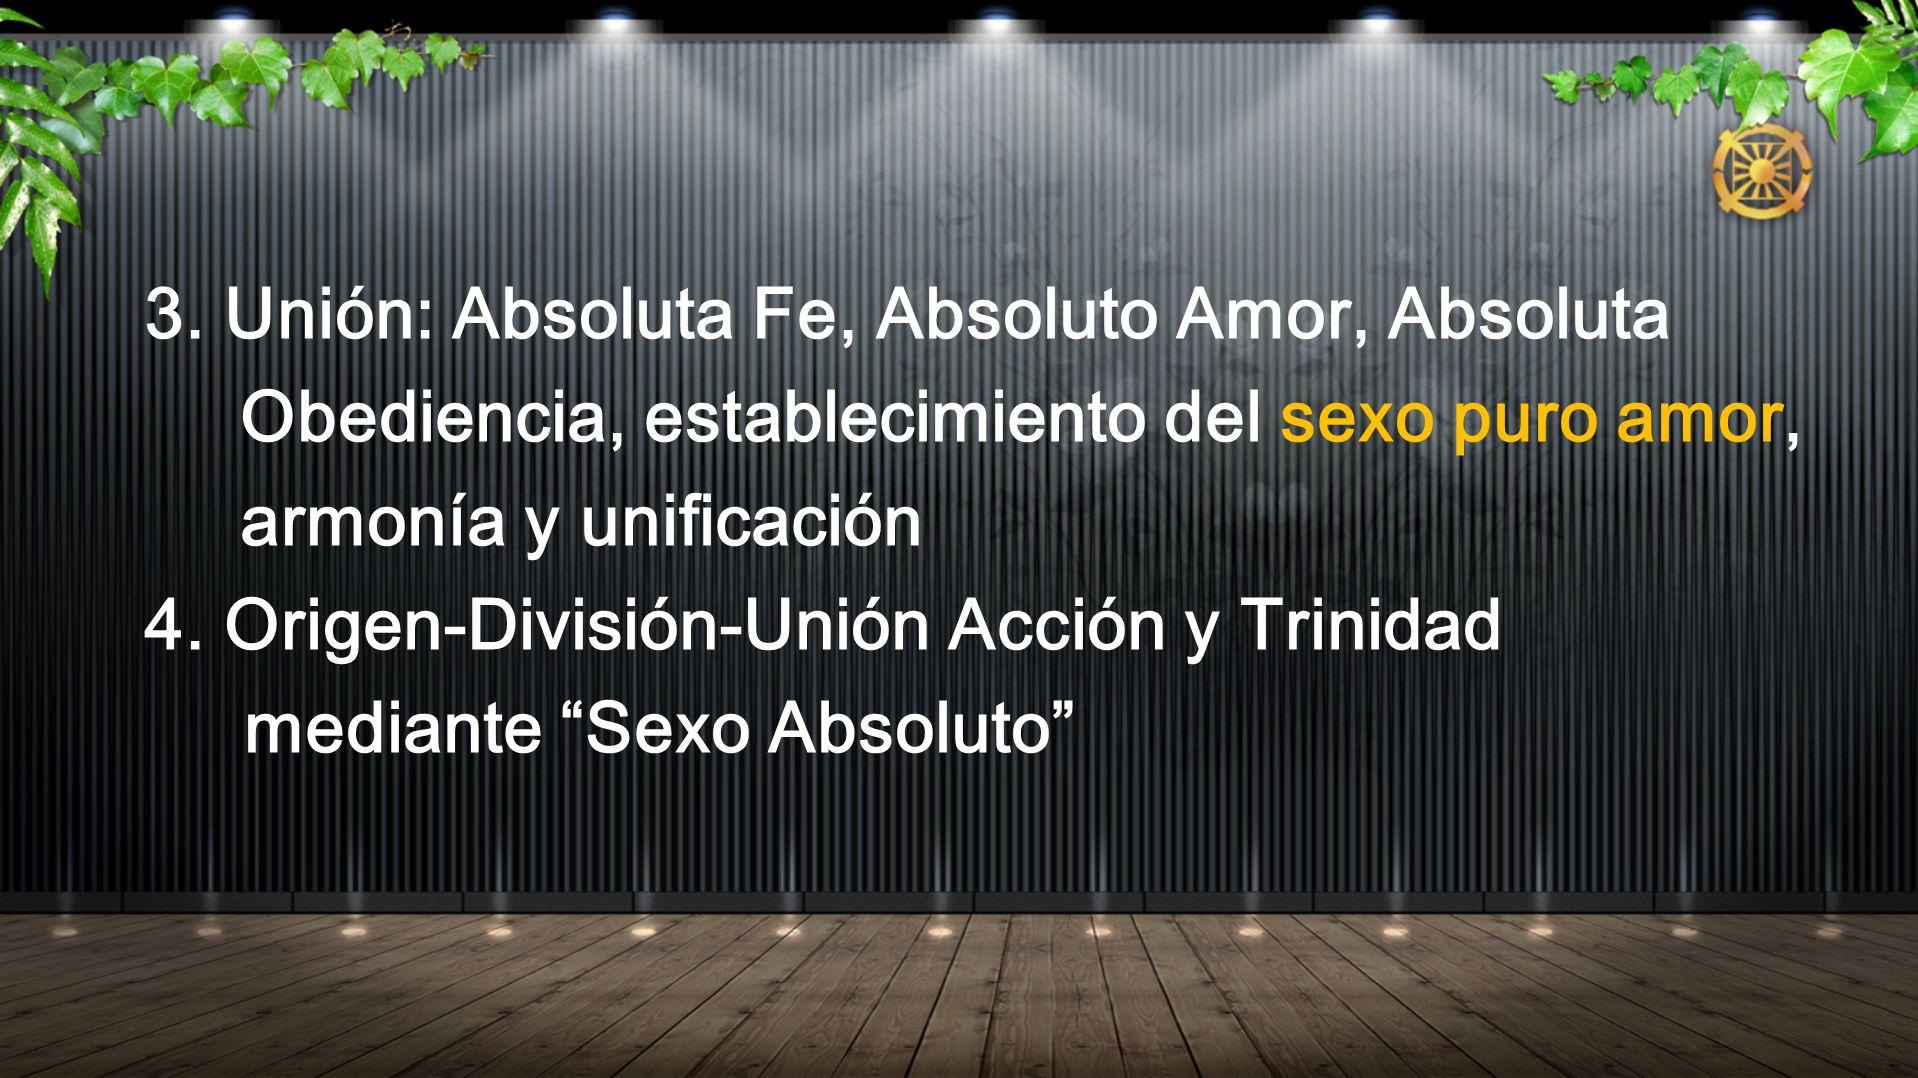 3. Unión: Absoluta Fe, Absoluto Amor, Absoluta Obediencia, establecimiento del sexo puro amor, armonía y unificación 4. Origen-División-Unión Acción y